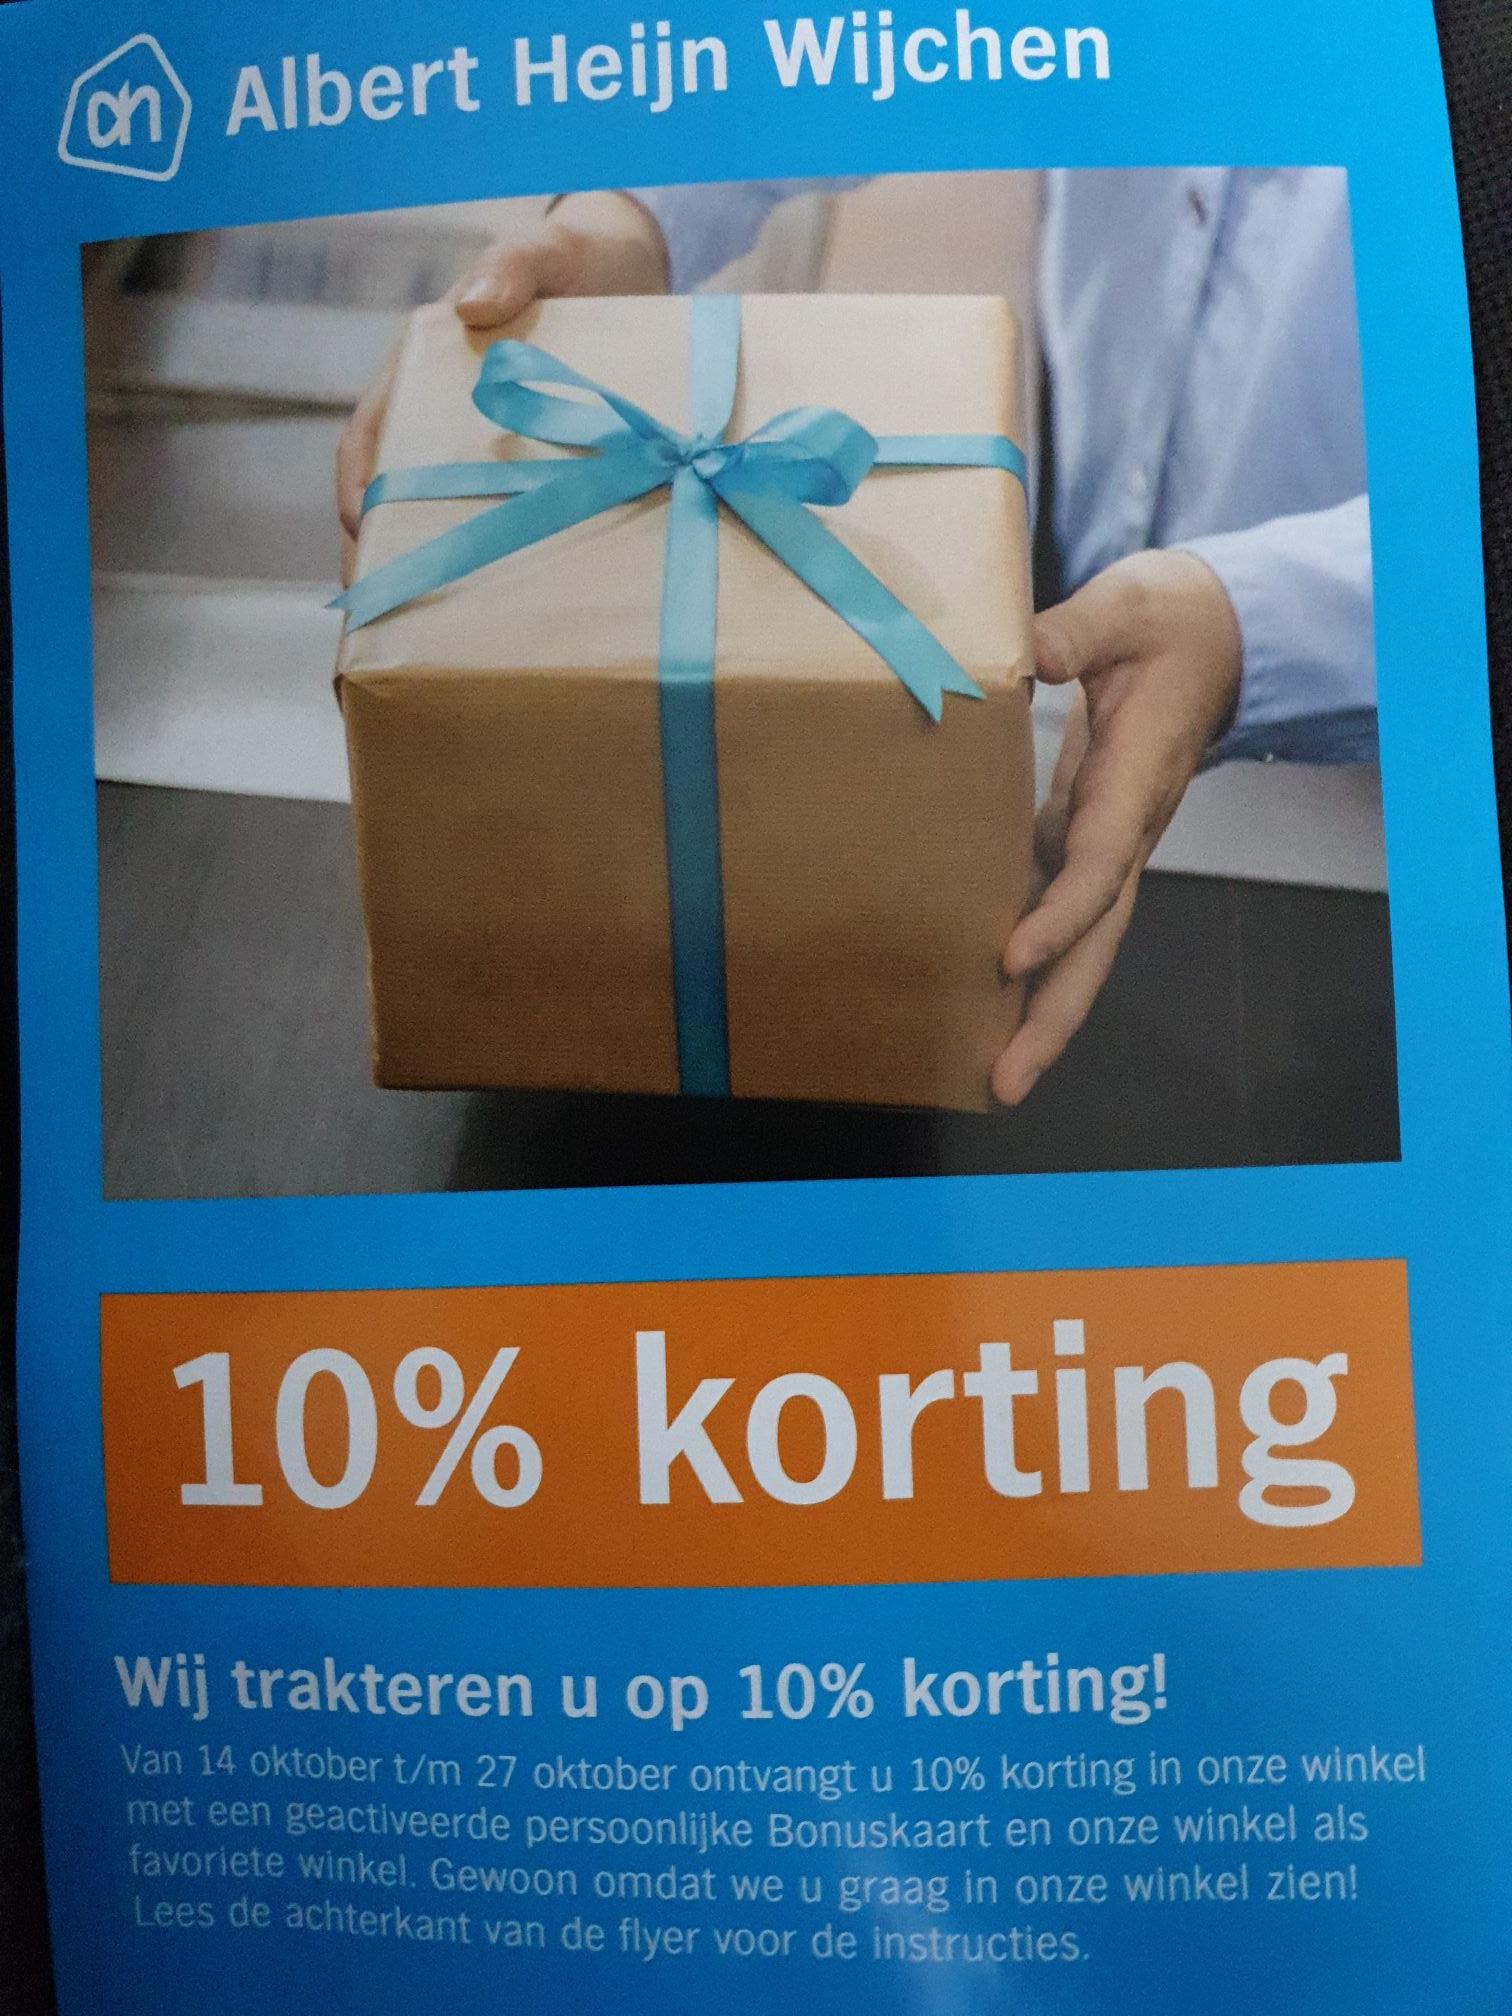 (Lokaal) 10% korting bij AH Wijchen van 14/10 tm 27/10